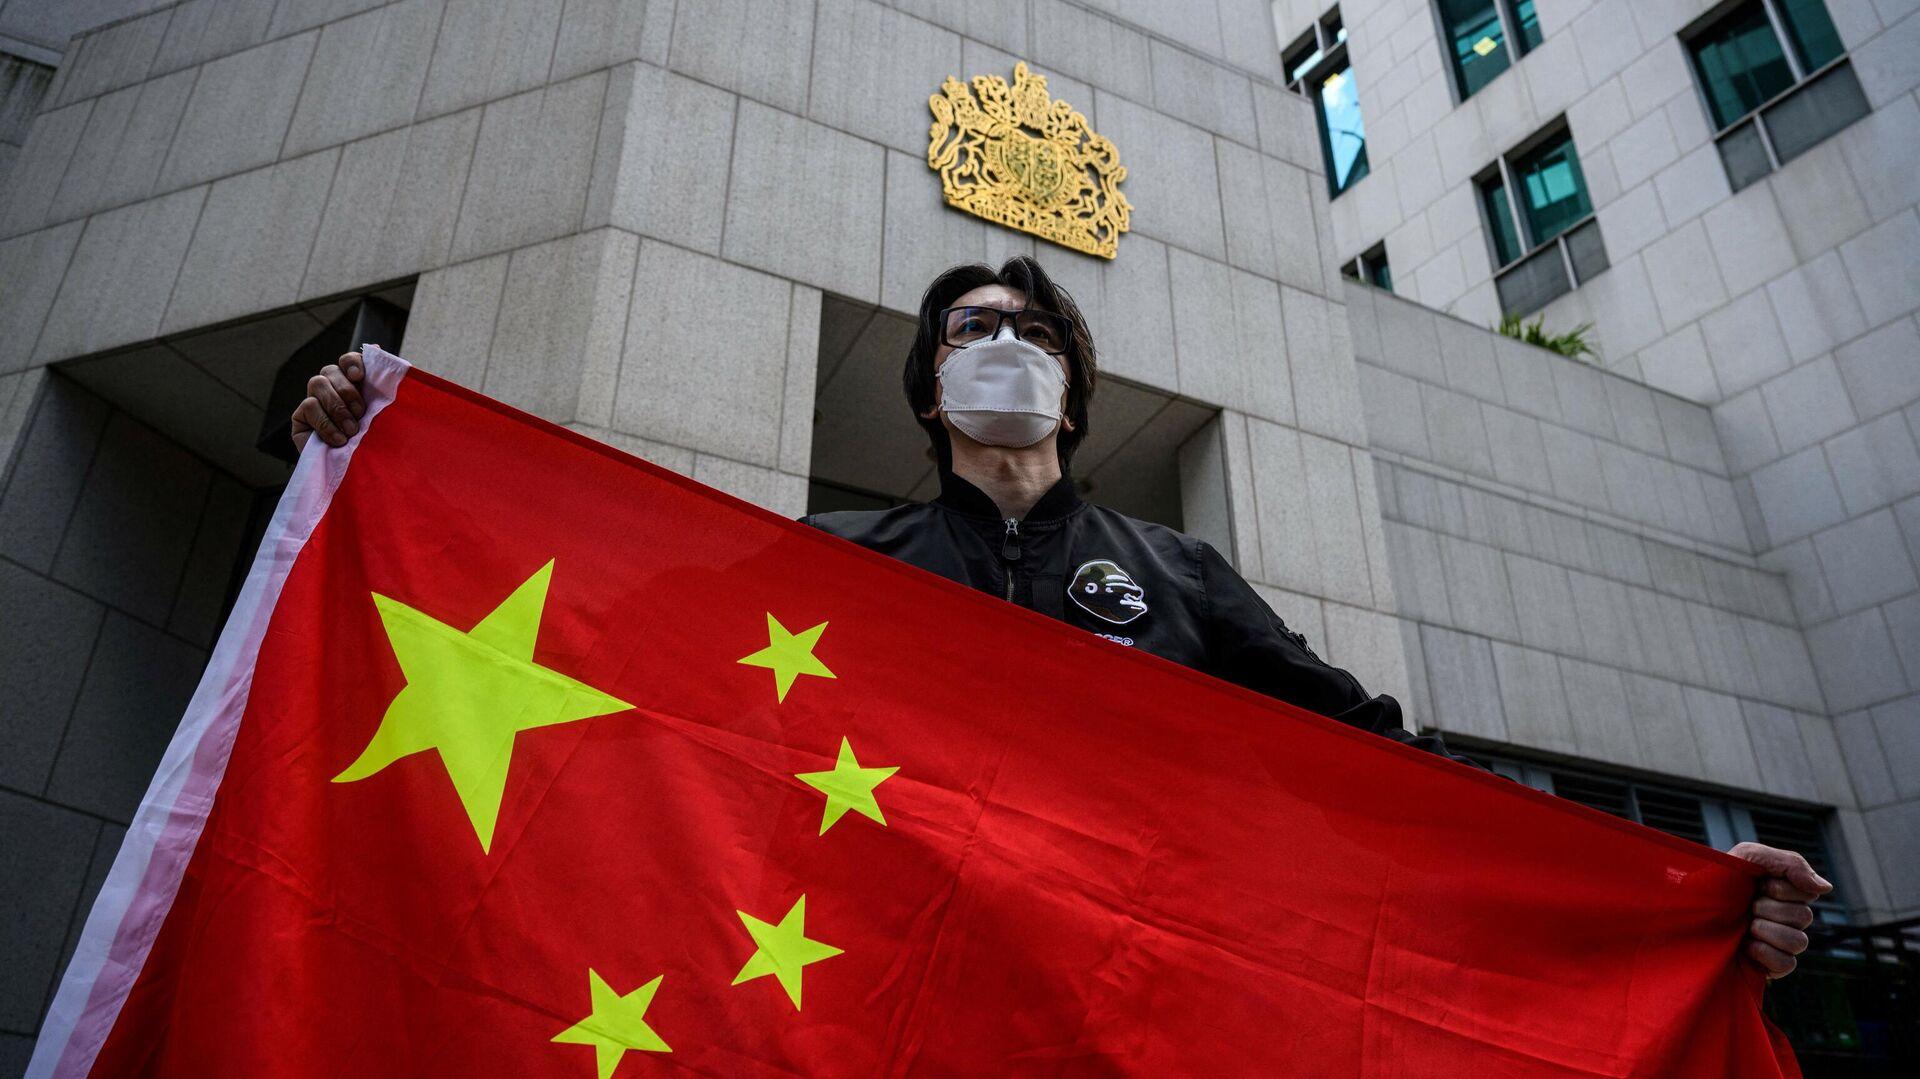 Мужчина держит флаг Китая - Sputnik Узбекистан, 1920, 09.10.2021